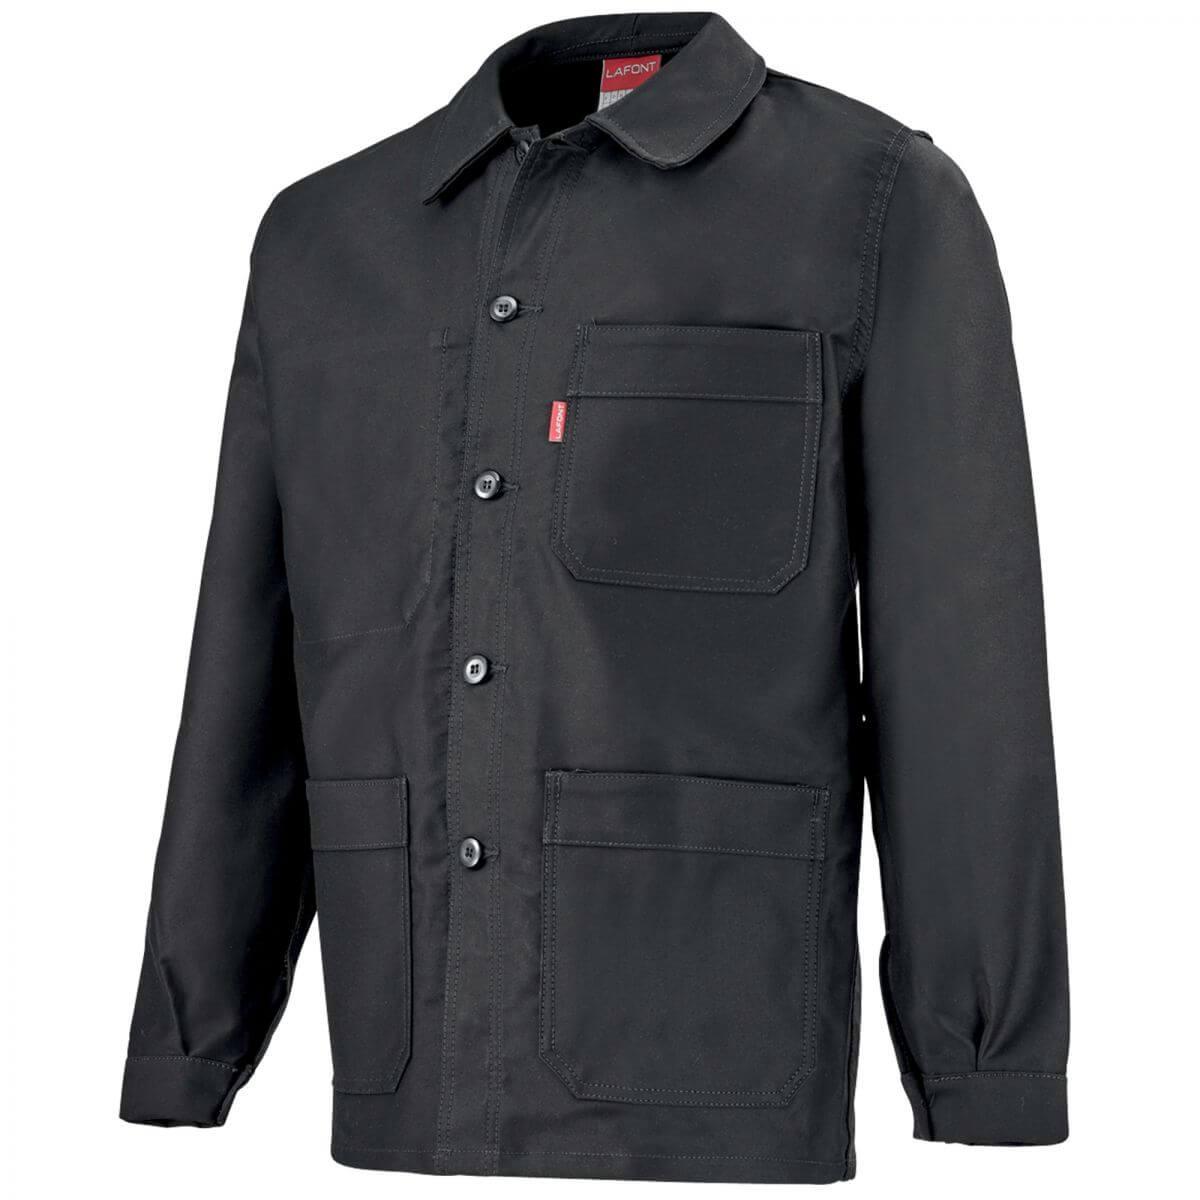 veste de travail noire pour homme vestes et blousons de travail. Black Bedroom Furniture Sets. Home Design Ideas